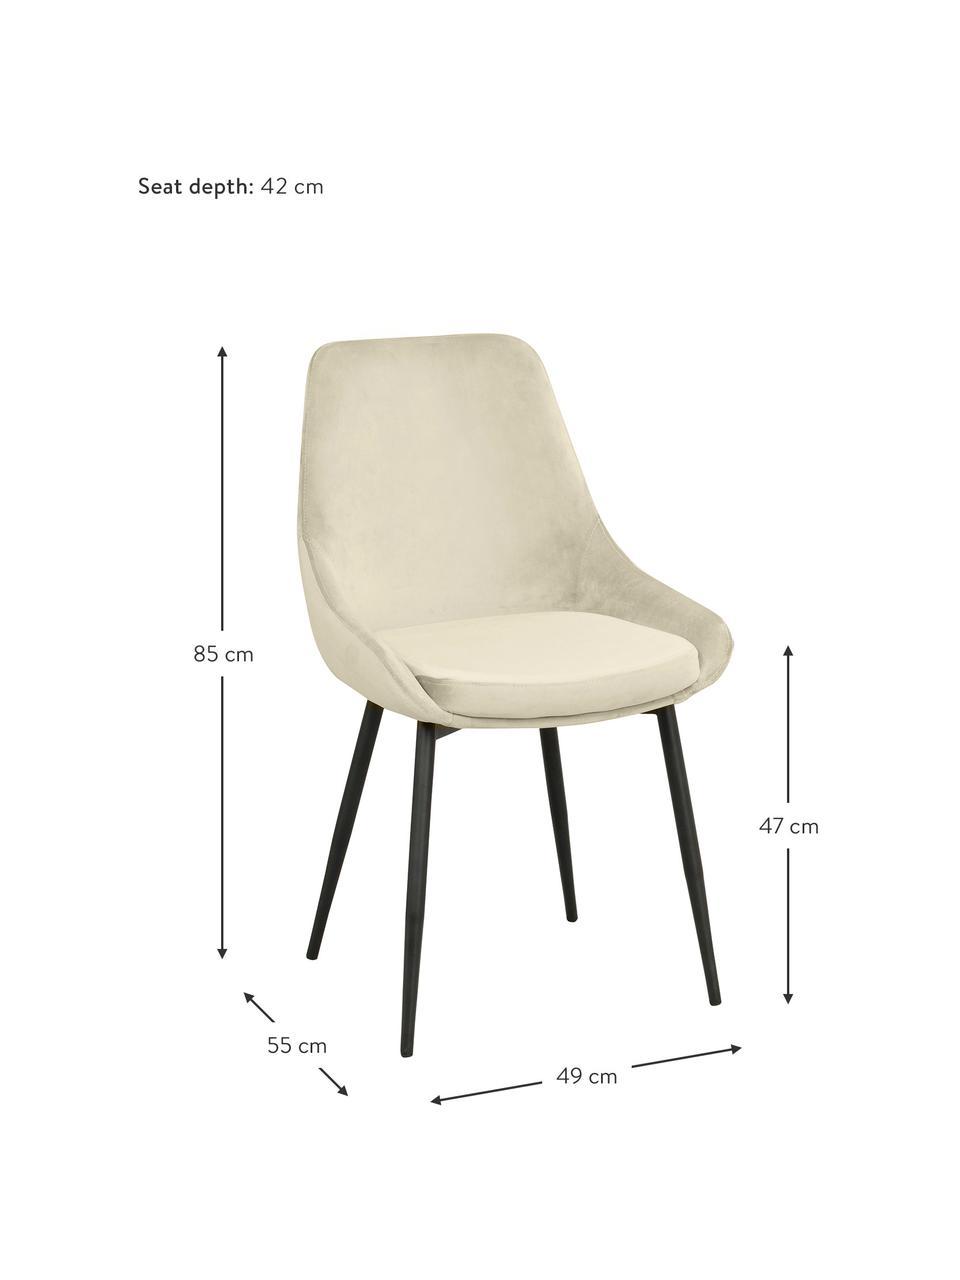 Chaise rembourrée en velours Sierra, 2pièces, Velours beige, pieds noir